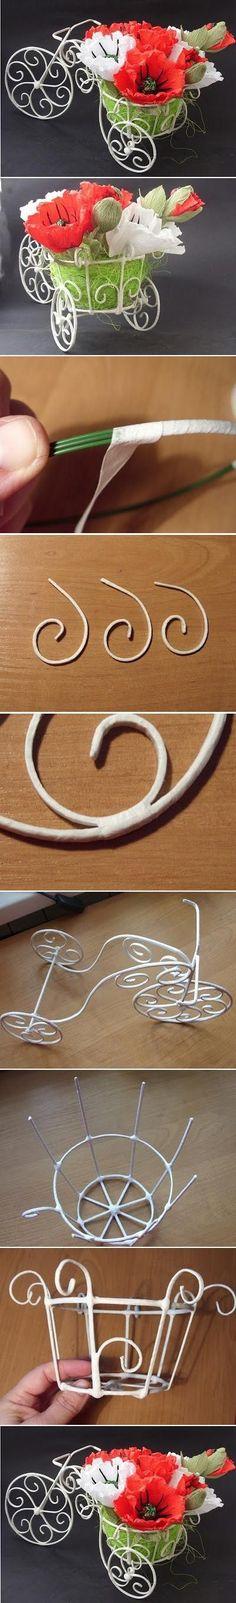 Triciclo para flores. Te traemos esta técnica de artesanía en su máxima expresión, en virtud de que el triciclo puedes realizarlo totalmente manual, solo con ayuda de algunas pinzas para cortar alambre y tijeras.